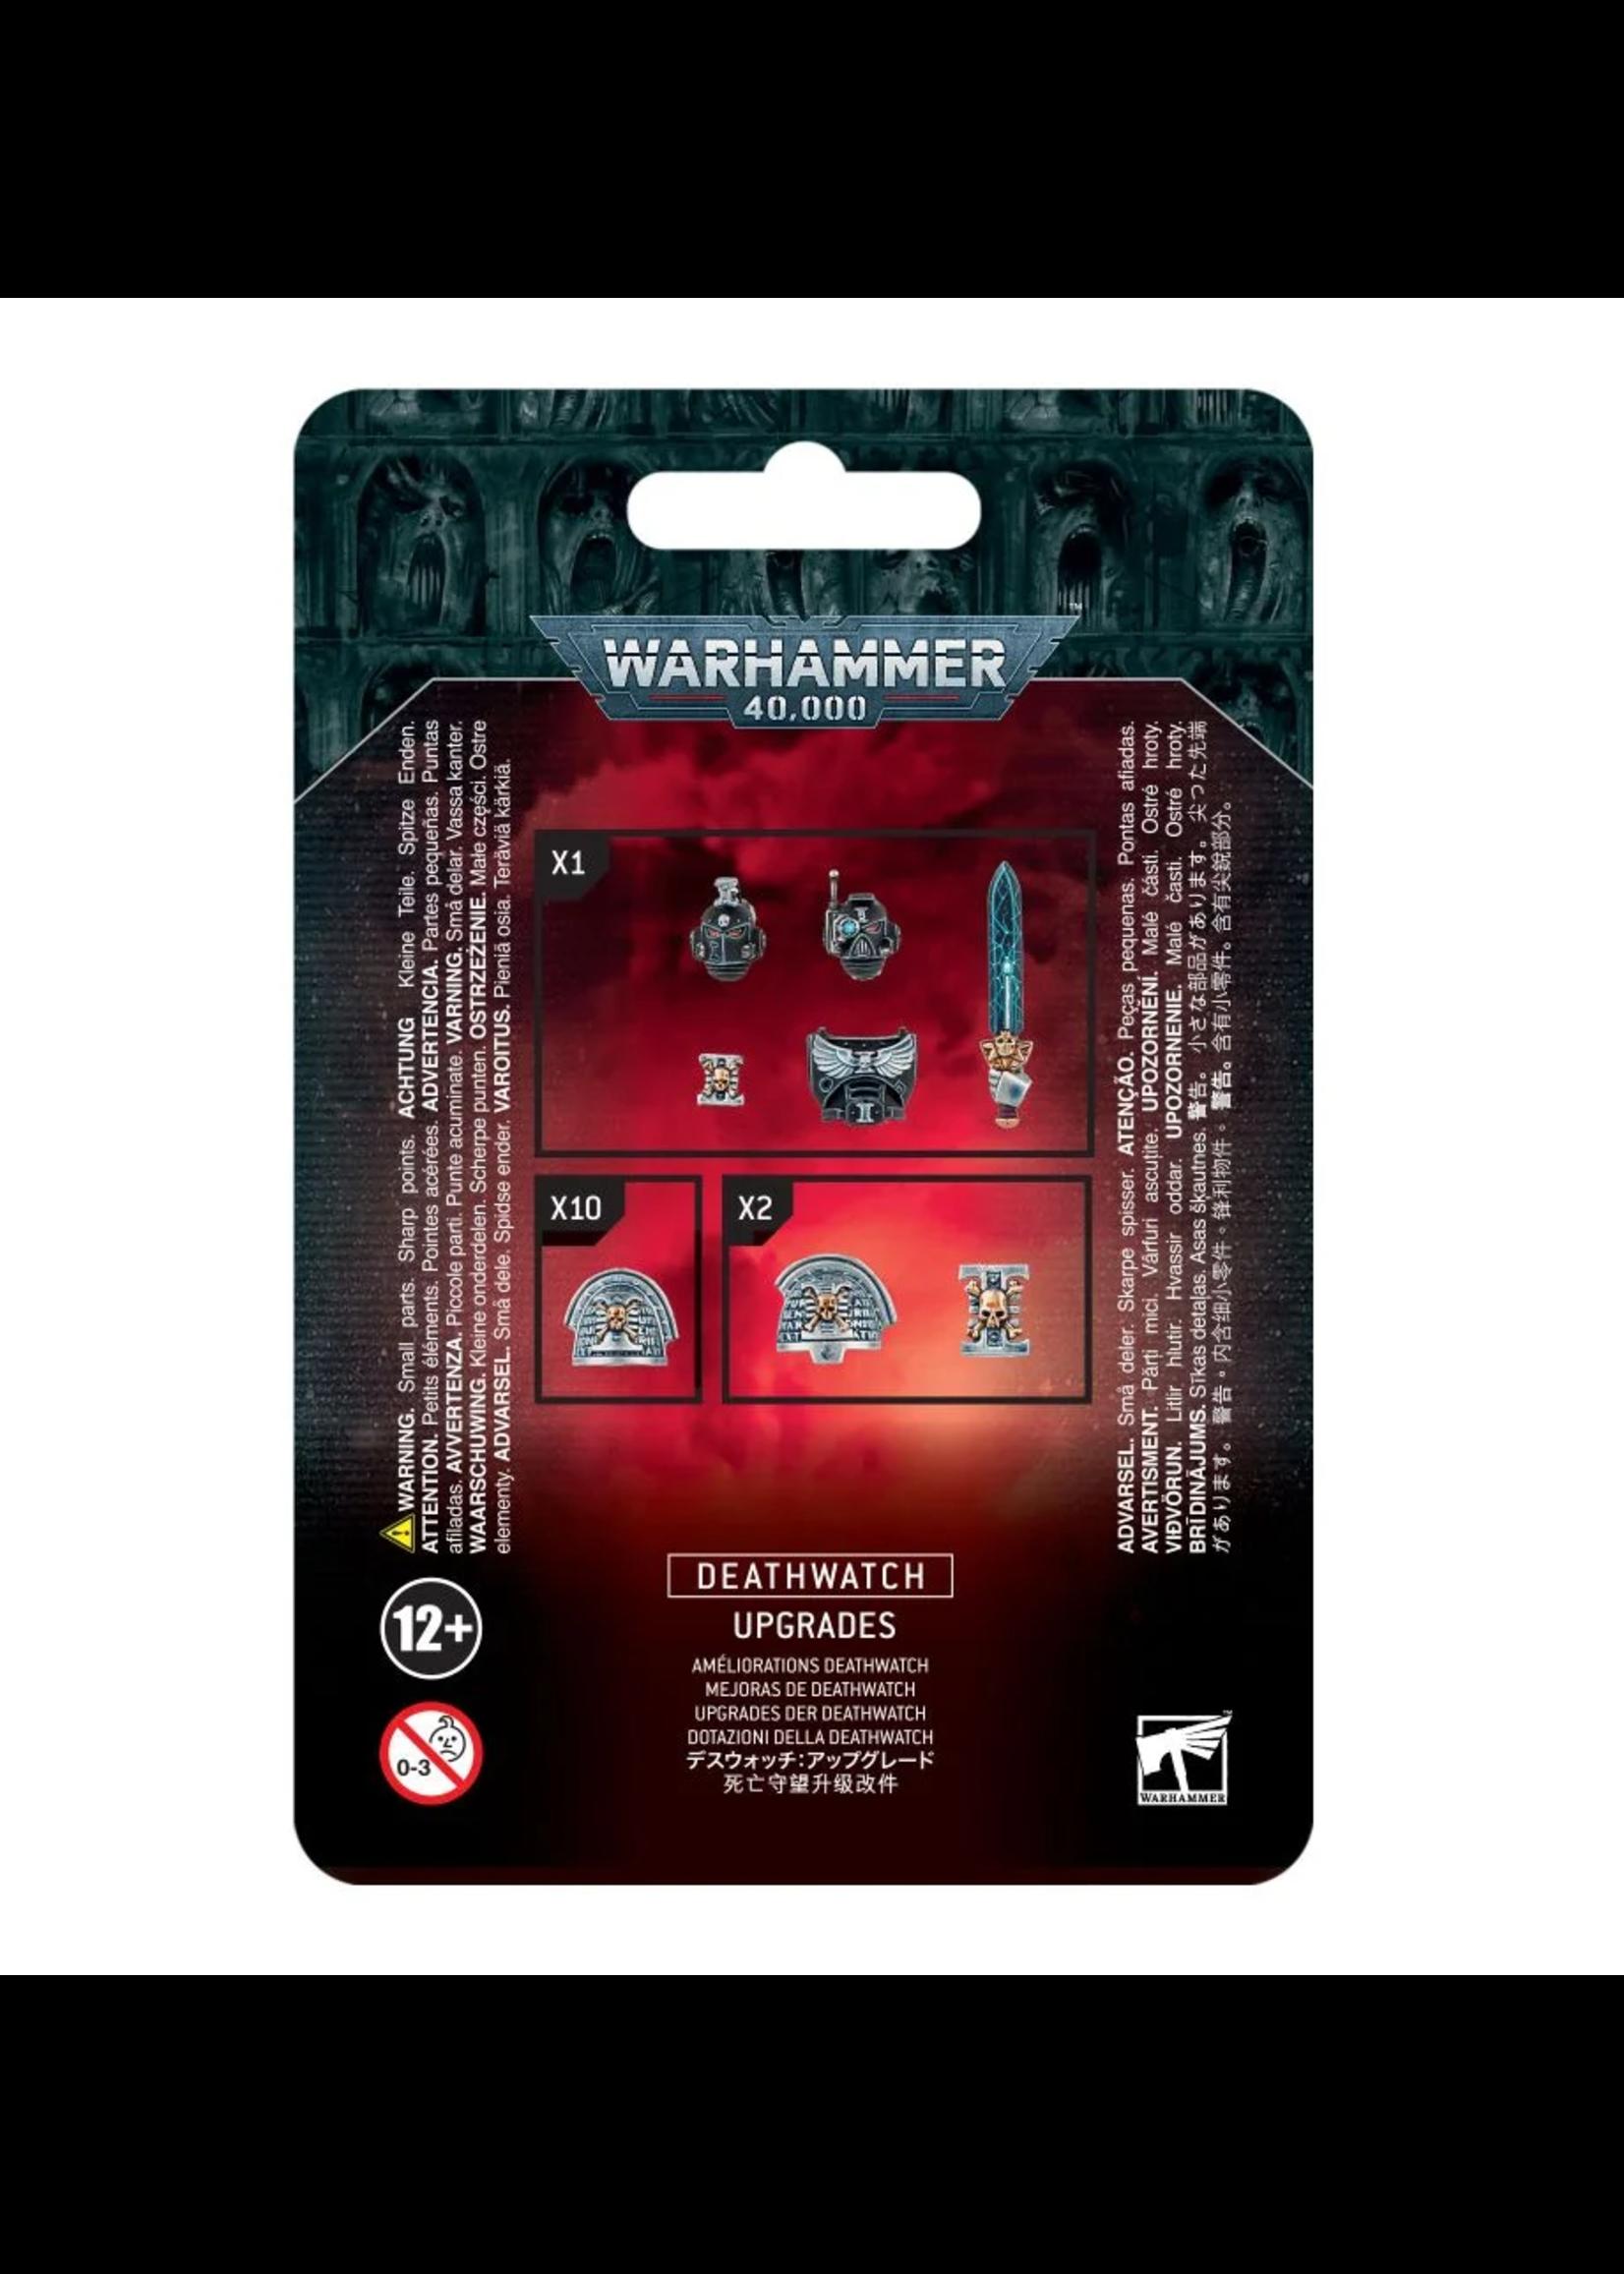 Deathwatch Upgrades